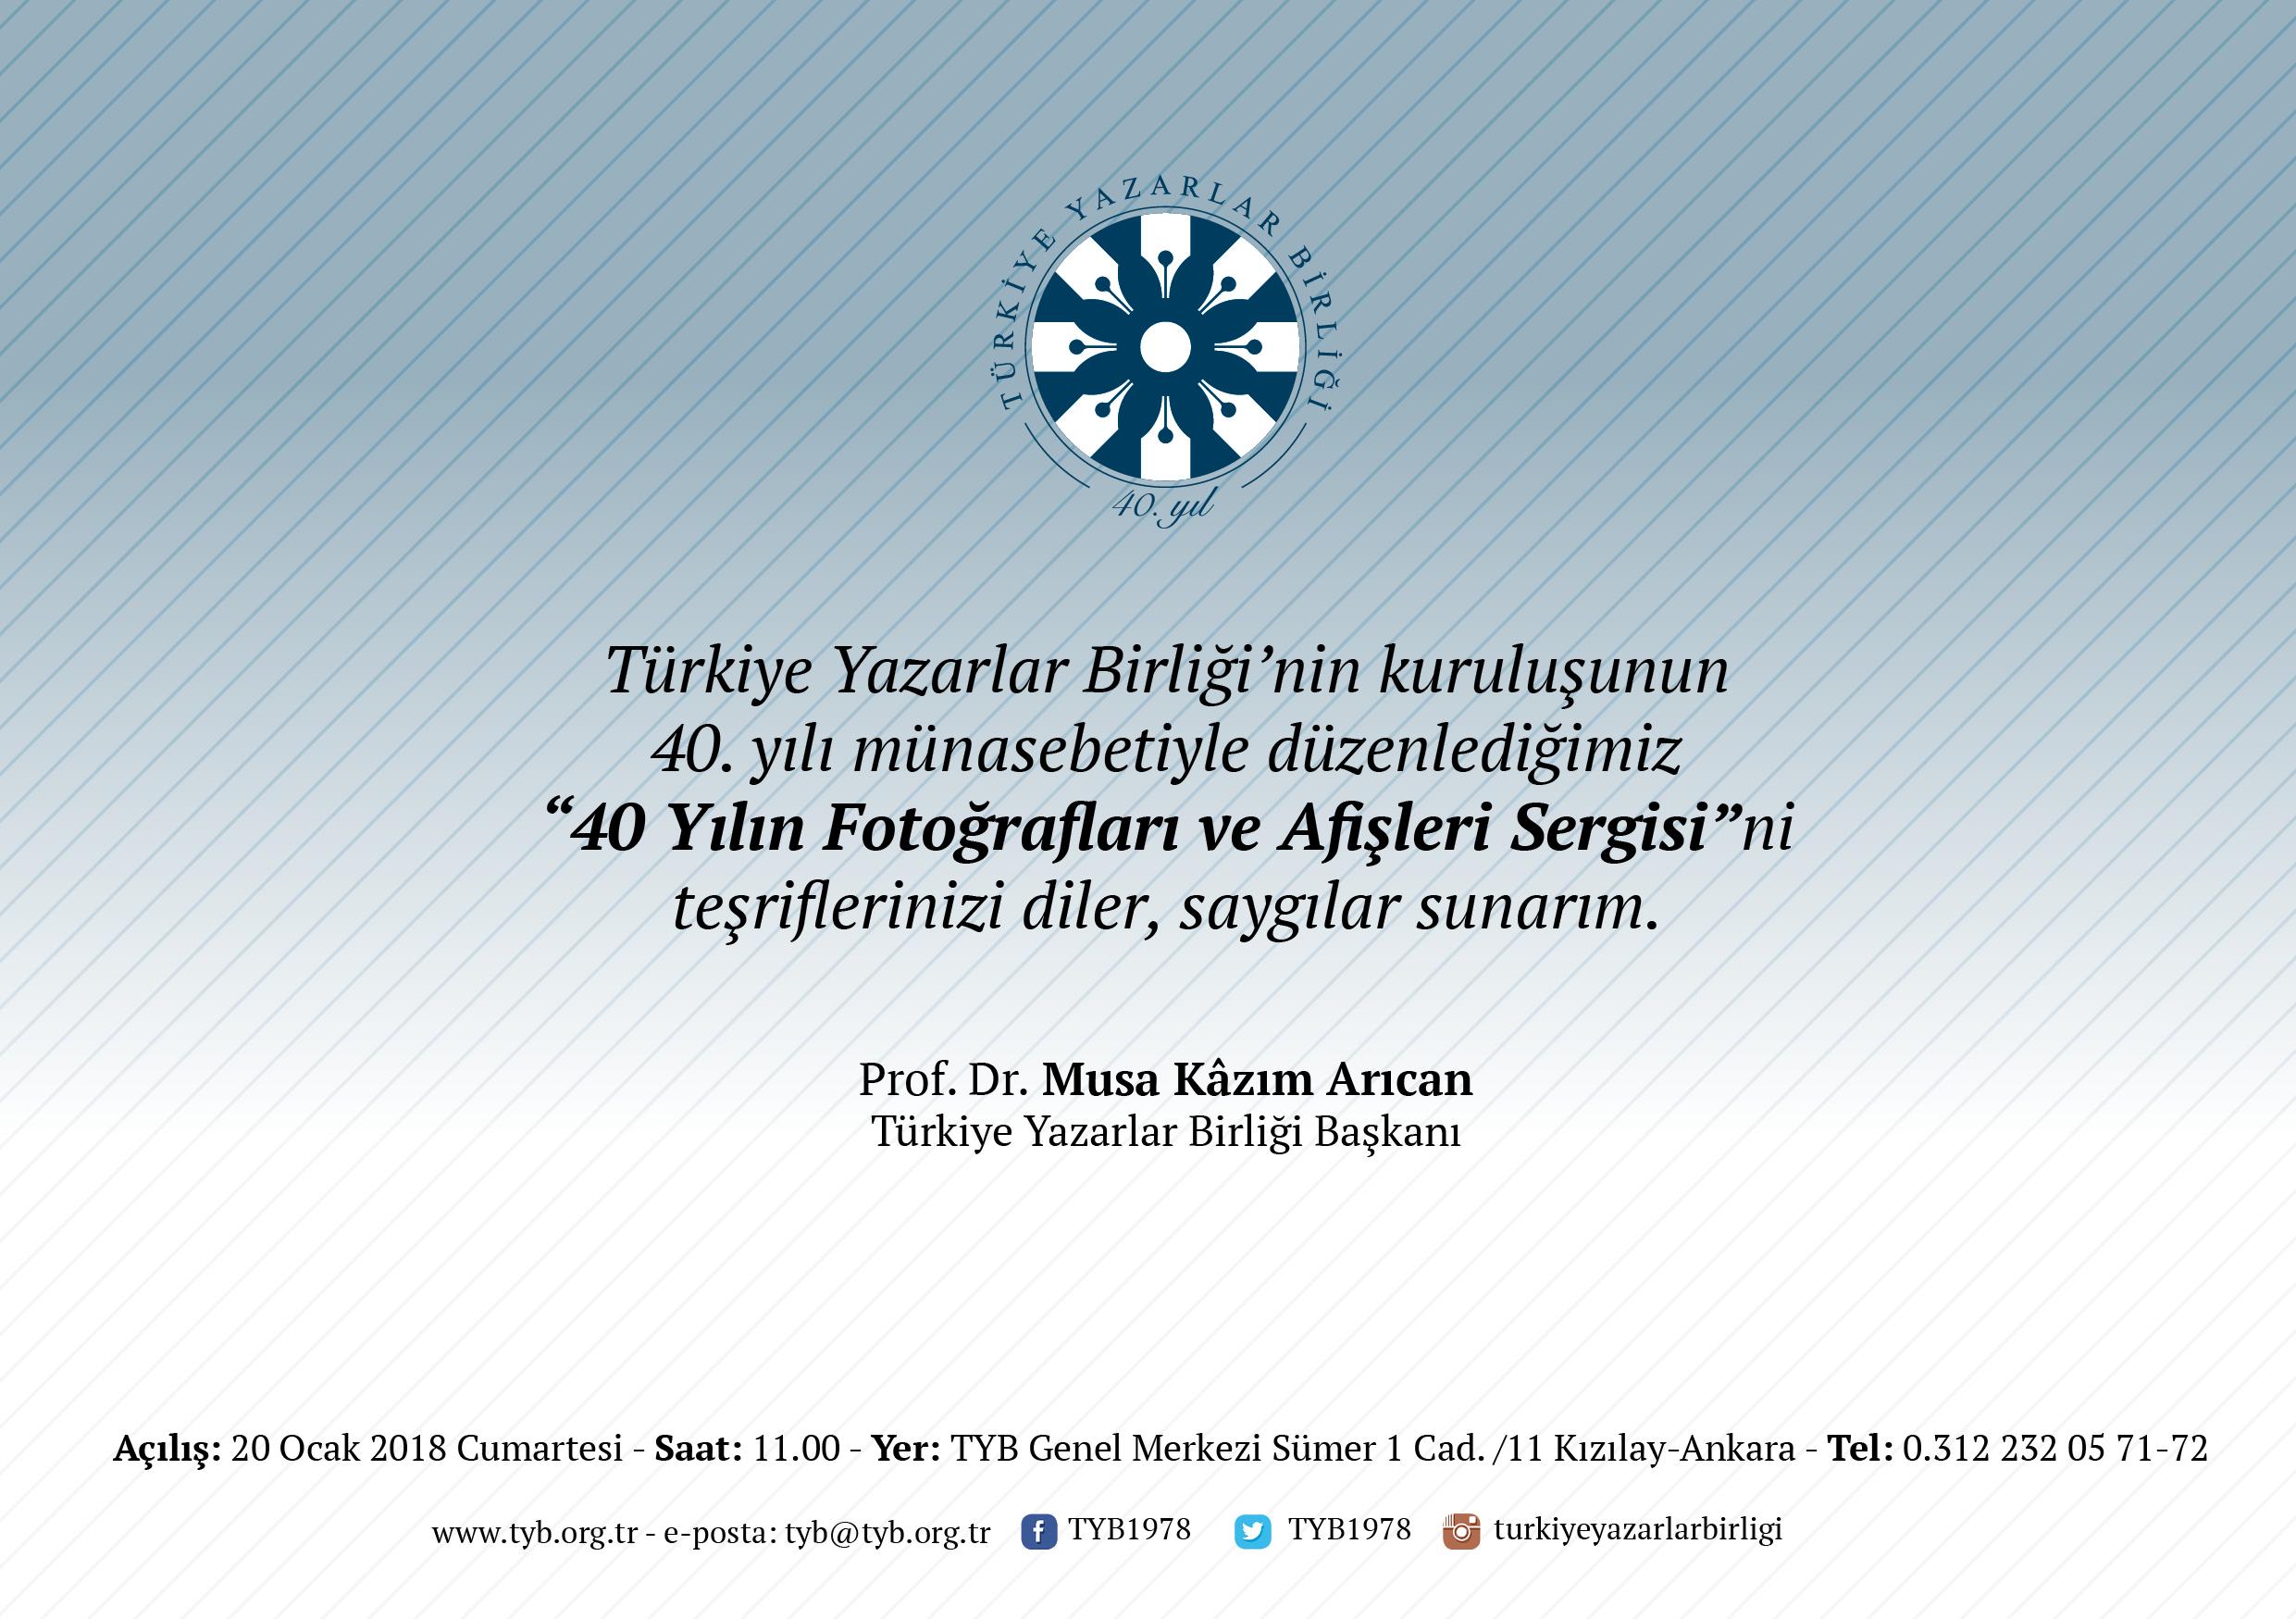 Türkiye Yazarlar Birliği'nden 40 yılın fotoğrafları ve afişleri sergisi